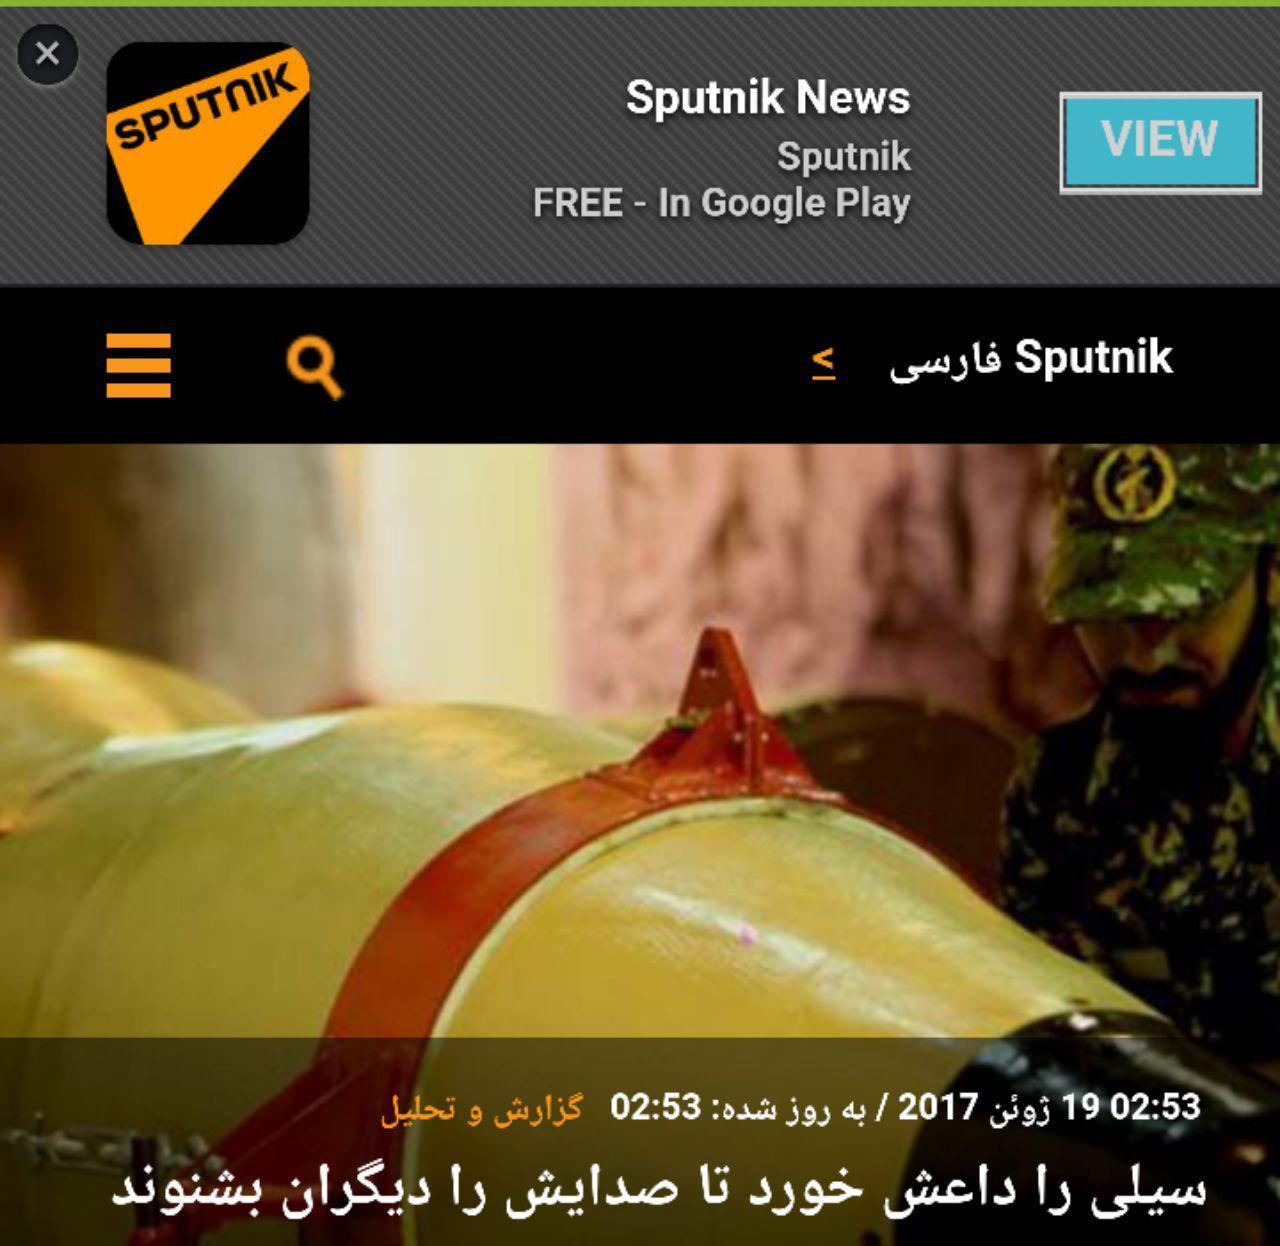 تیتر معنادار خبرگزاری روسیه درباره حمله سپاه به داعش